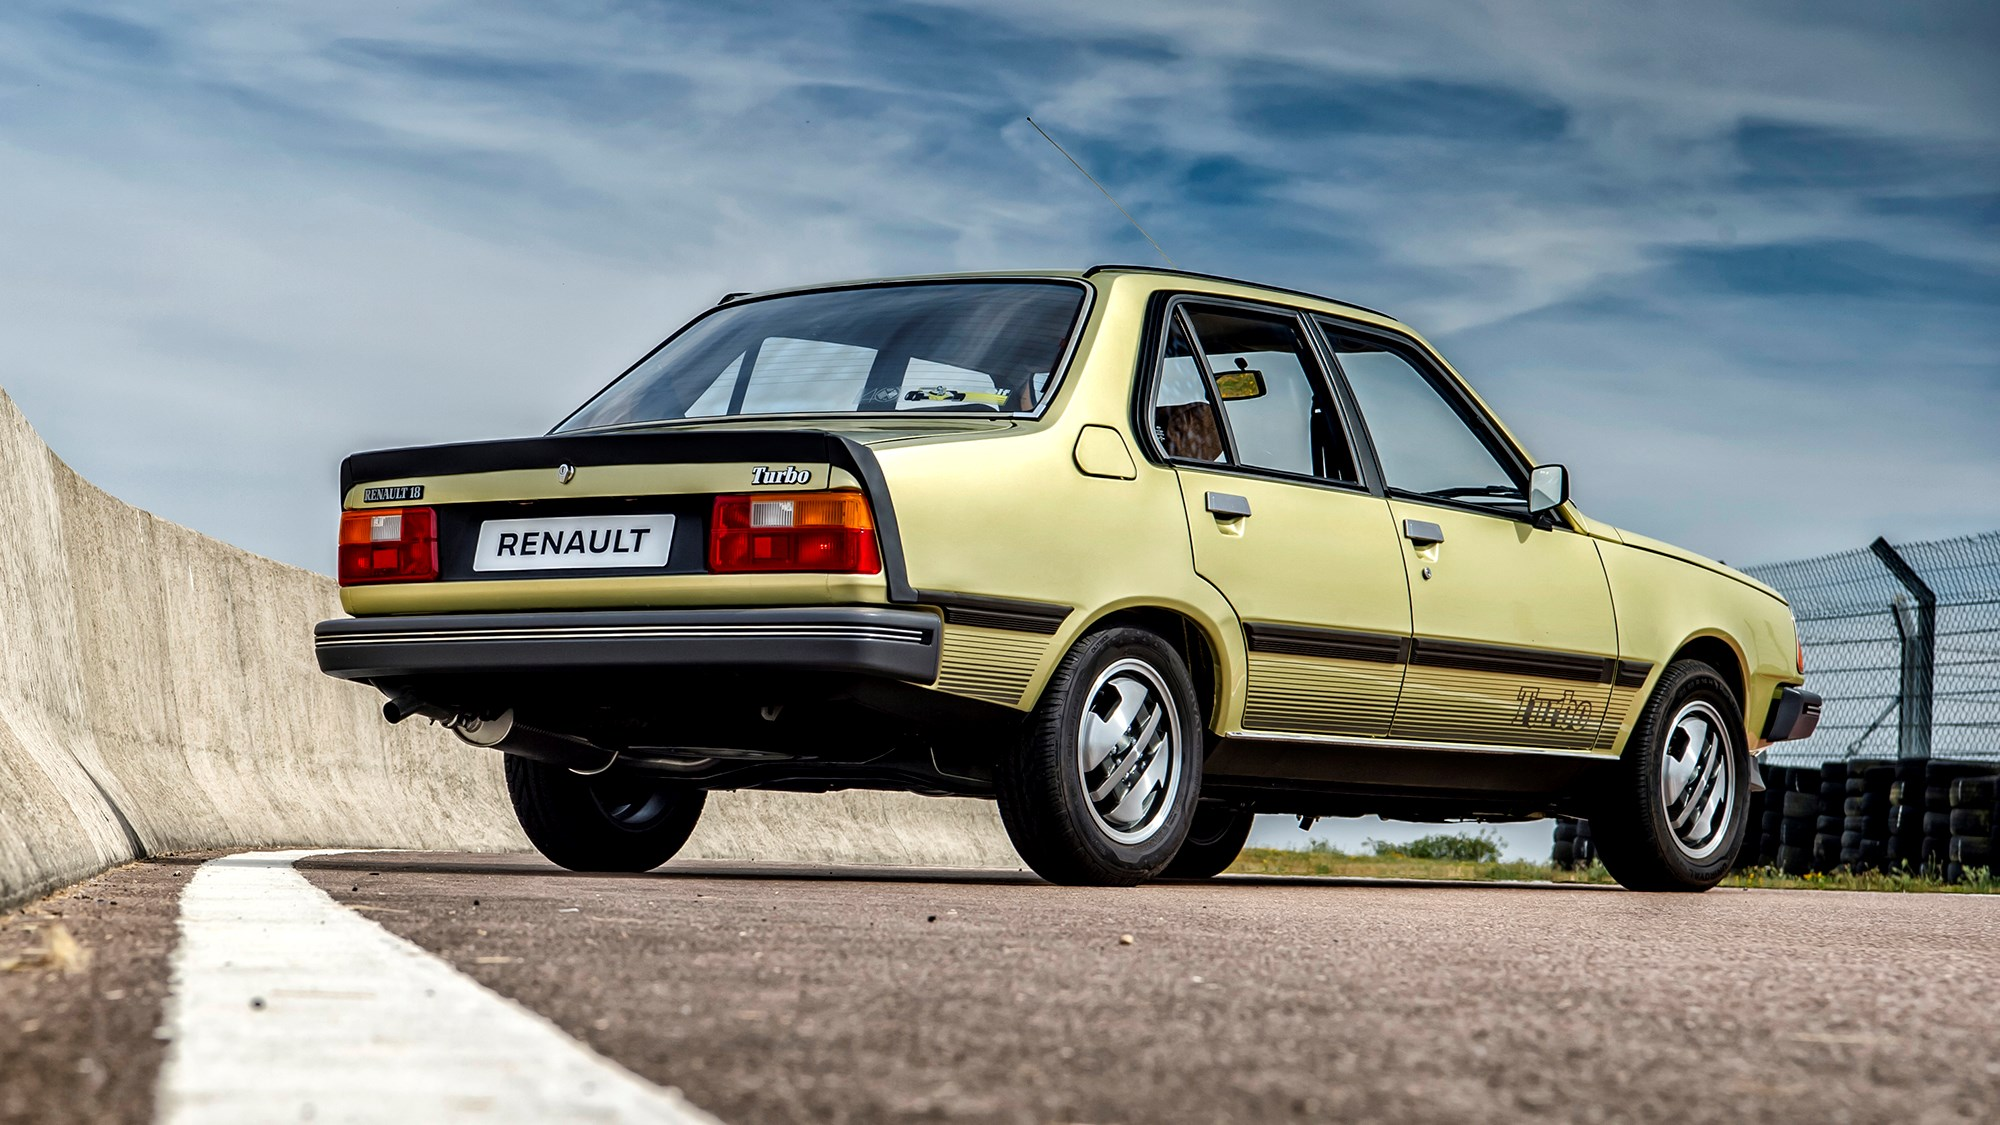 Renault 18 Turbo rear three-quarter view